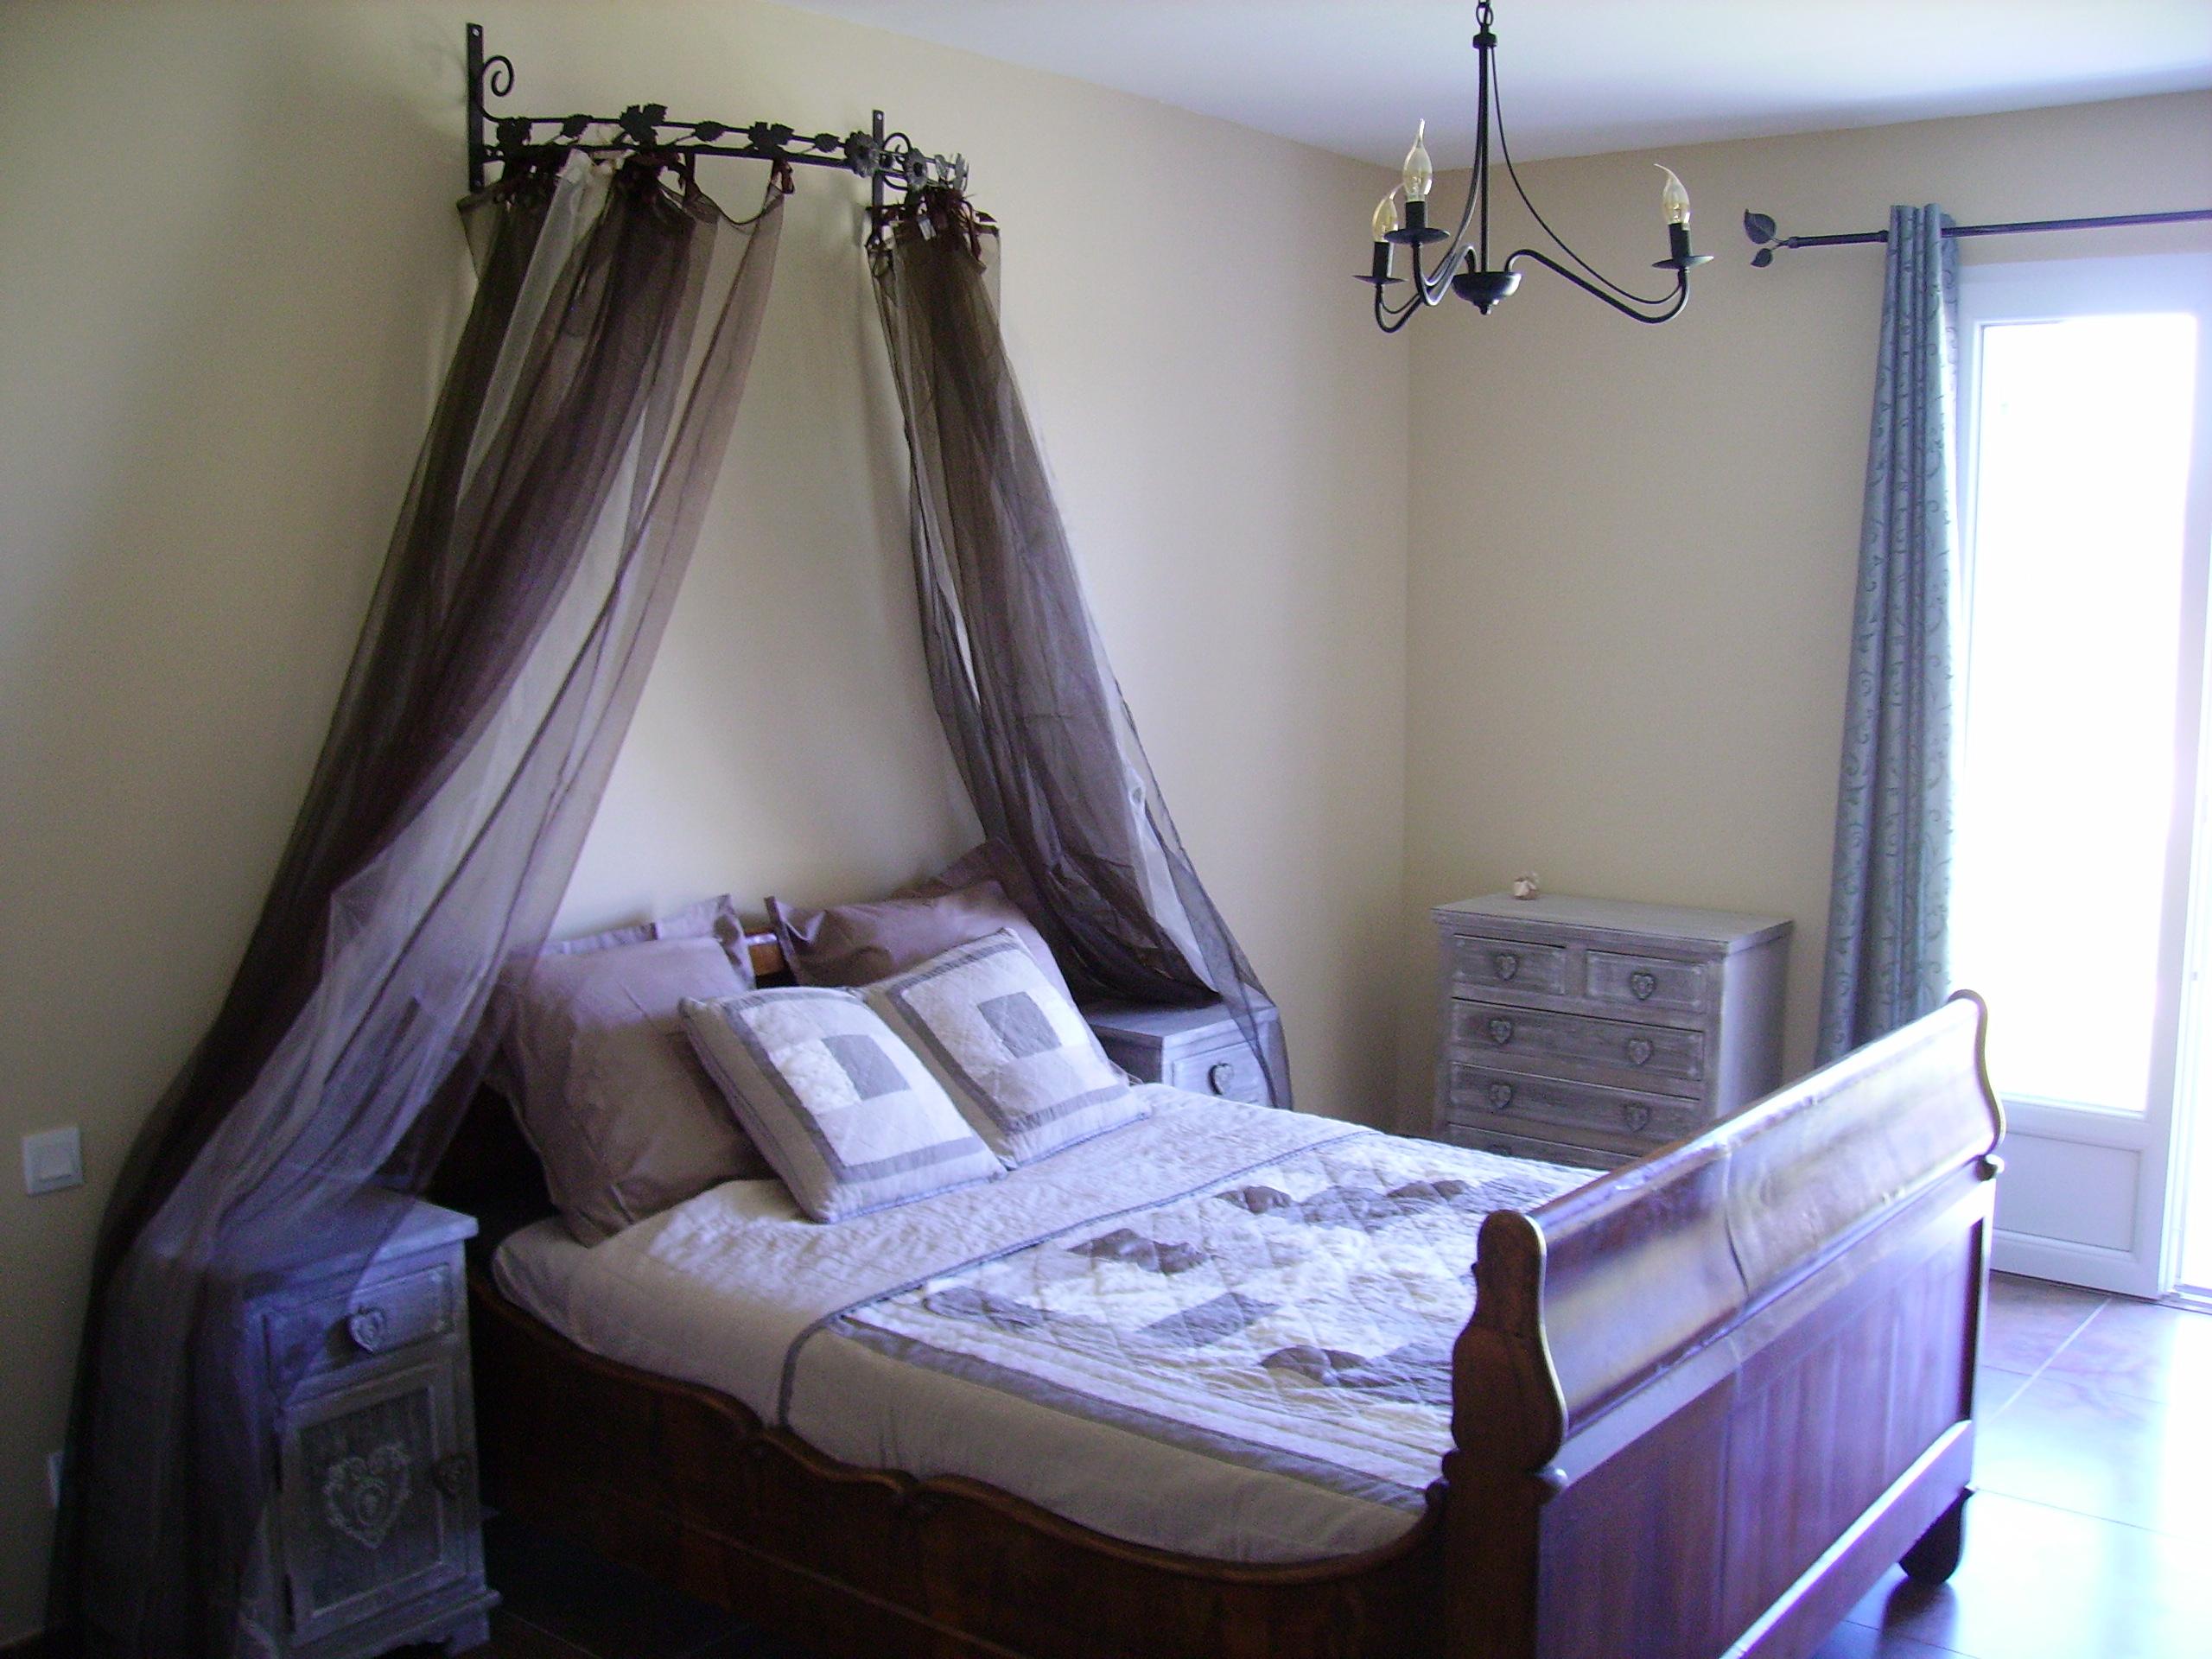 Chambres d'hotes Les Archanges